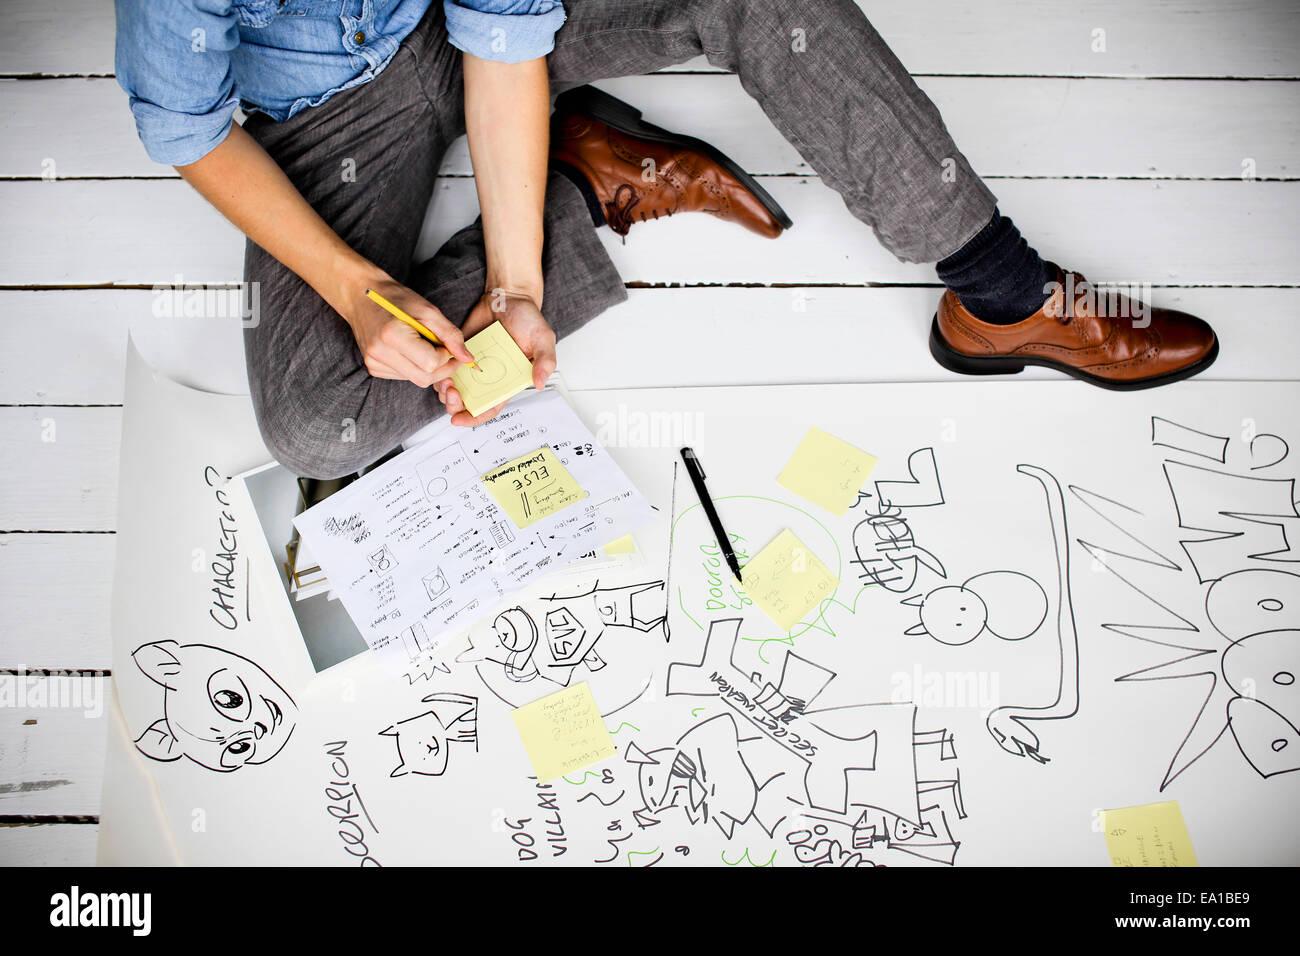 Graphic designer la produzione di idee creative sul pavimento Foto Stock